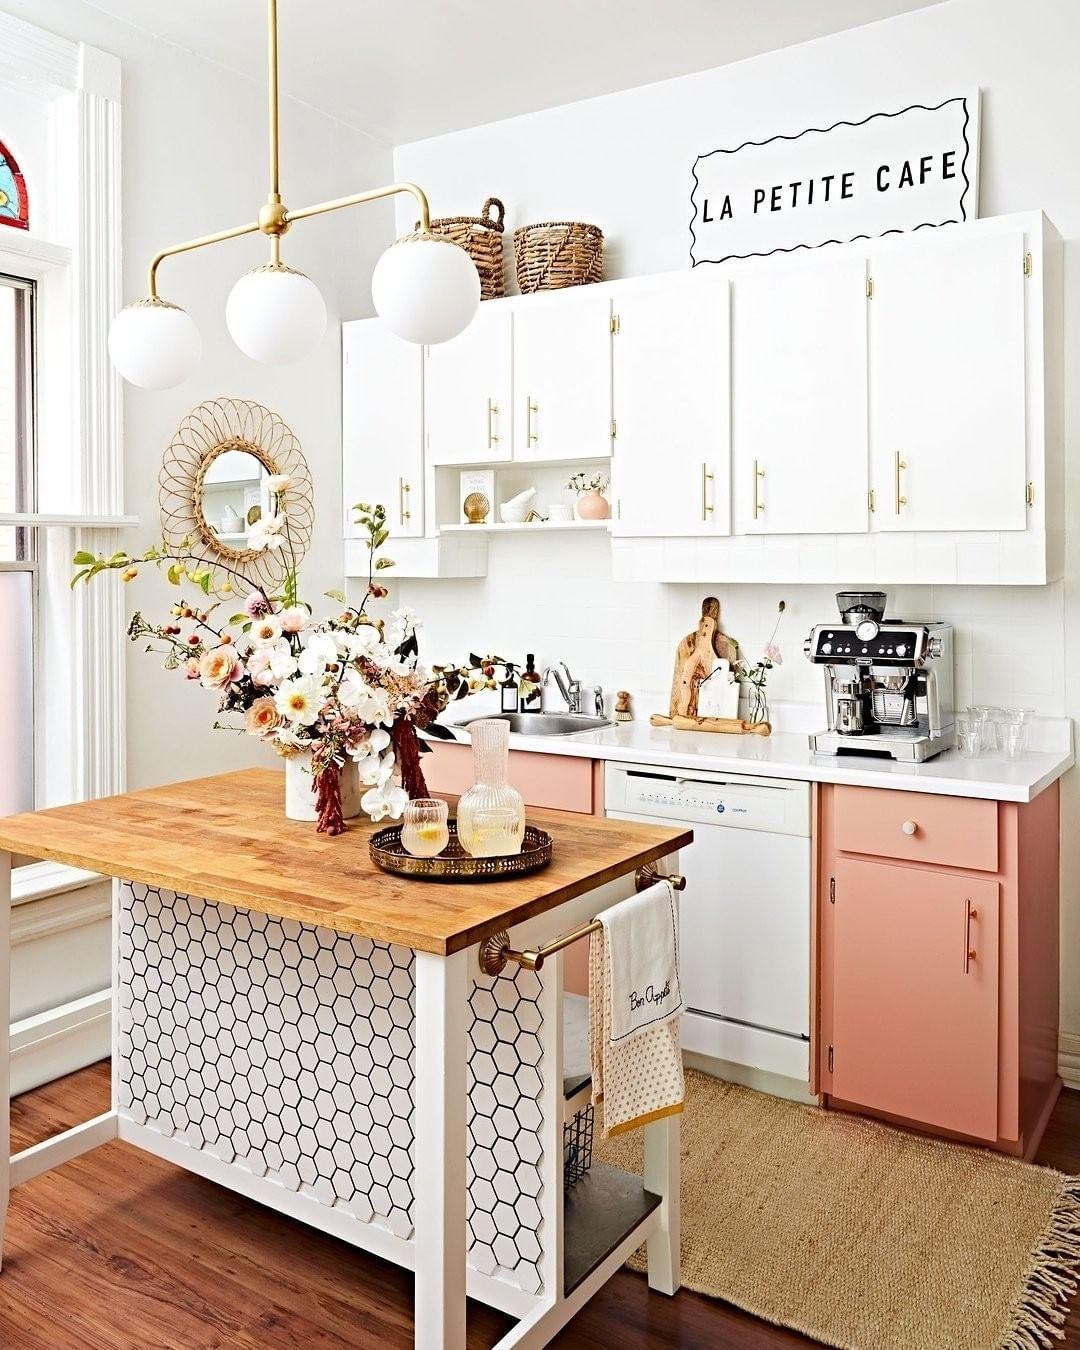 Н™¿ðš'𝚗𝚝𝚎𝚛𝚎𝚜𝚝 Å Нš—𝚕𝚊𝚗𝟺𝟷𝟸 Kitchen Decor Hacks Rental Kitchen Kitchen Design